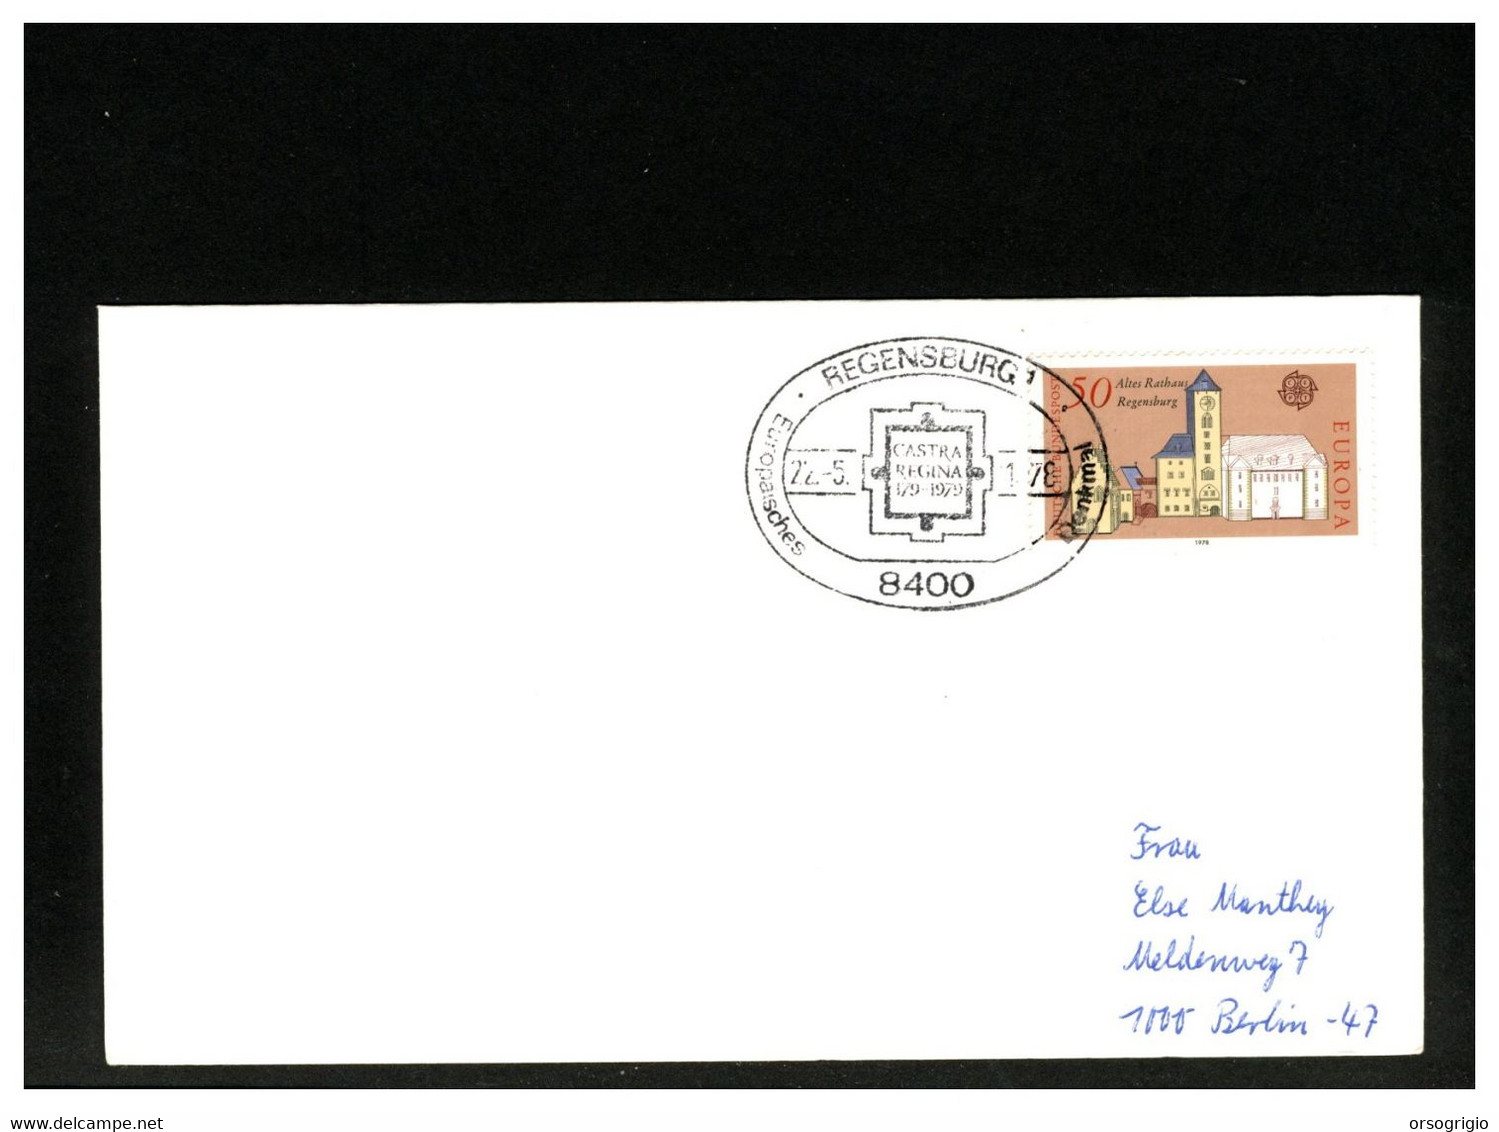 GERMANIA - 1978 - REGENSBURG - CASTRA REGINA 179-1979 - Fortezza Legionaria Della Legio III Italica A Partire Dal 179 - Archéologie